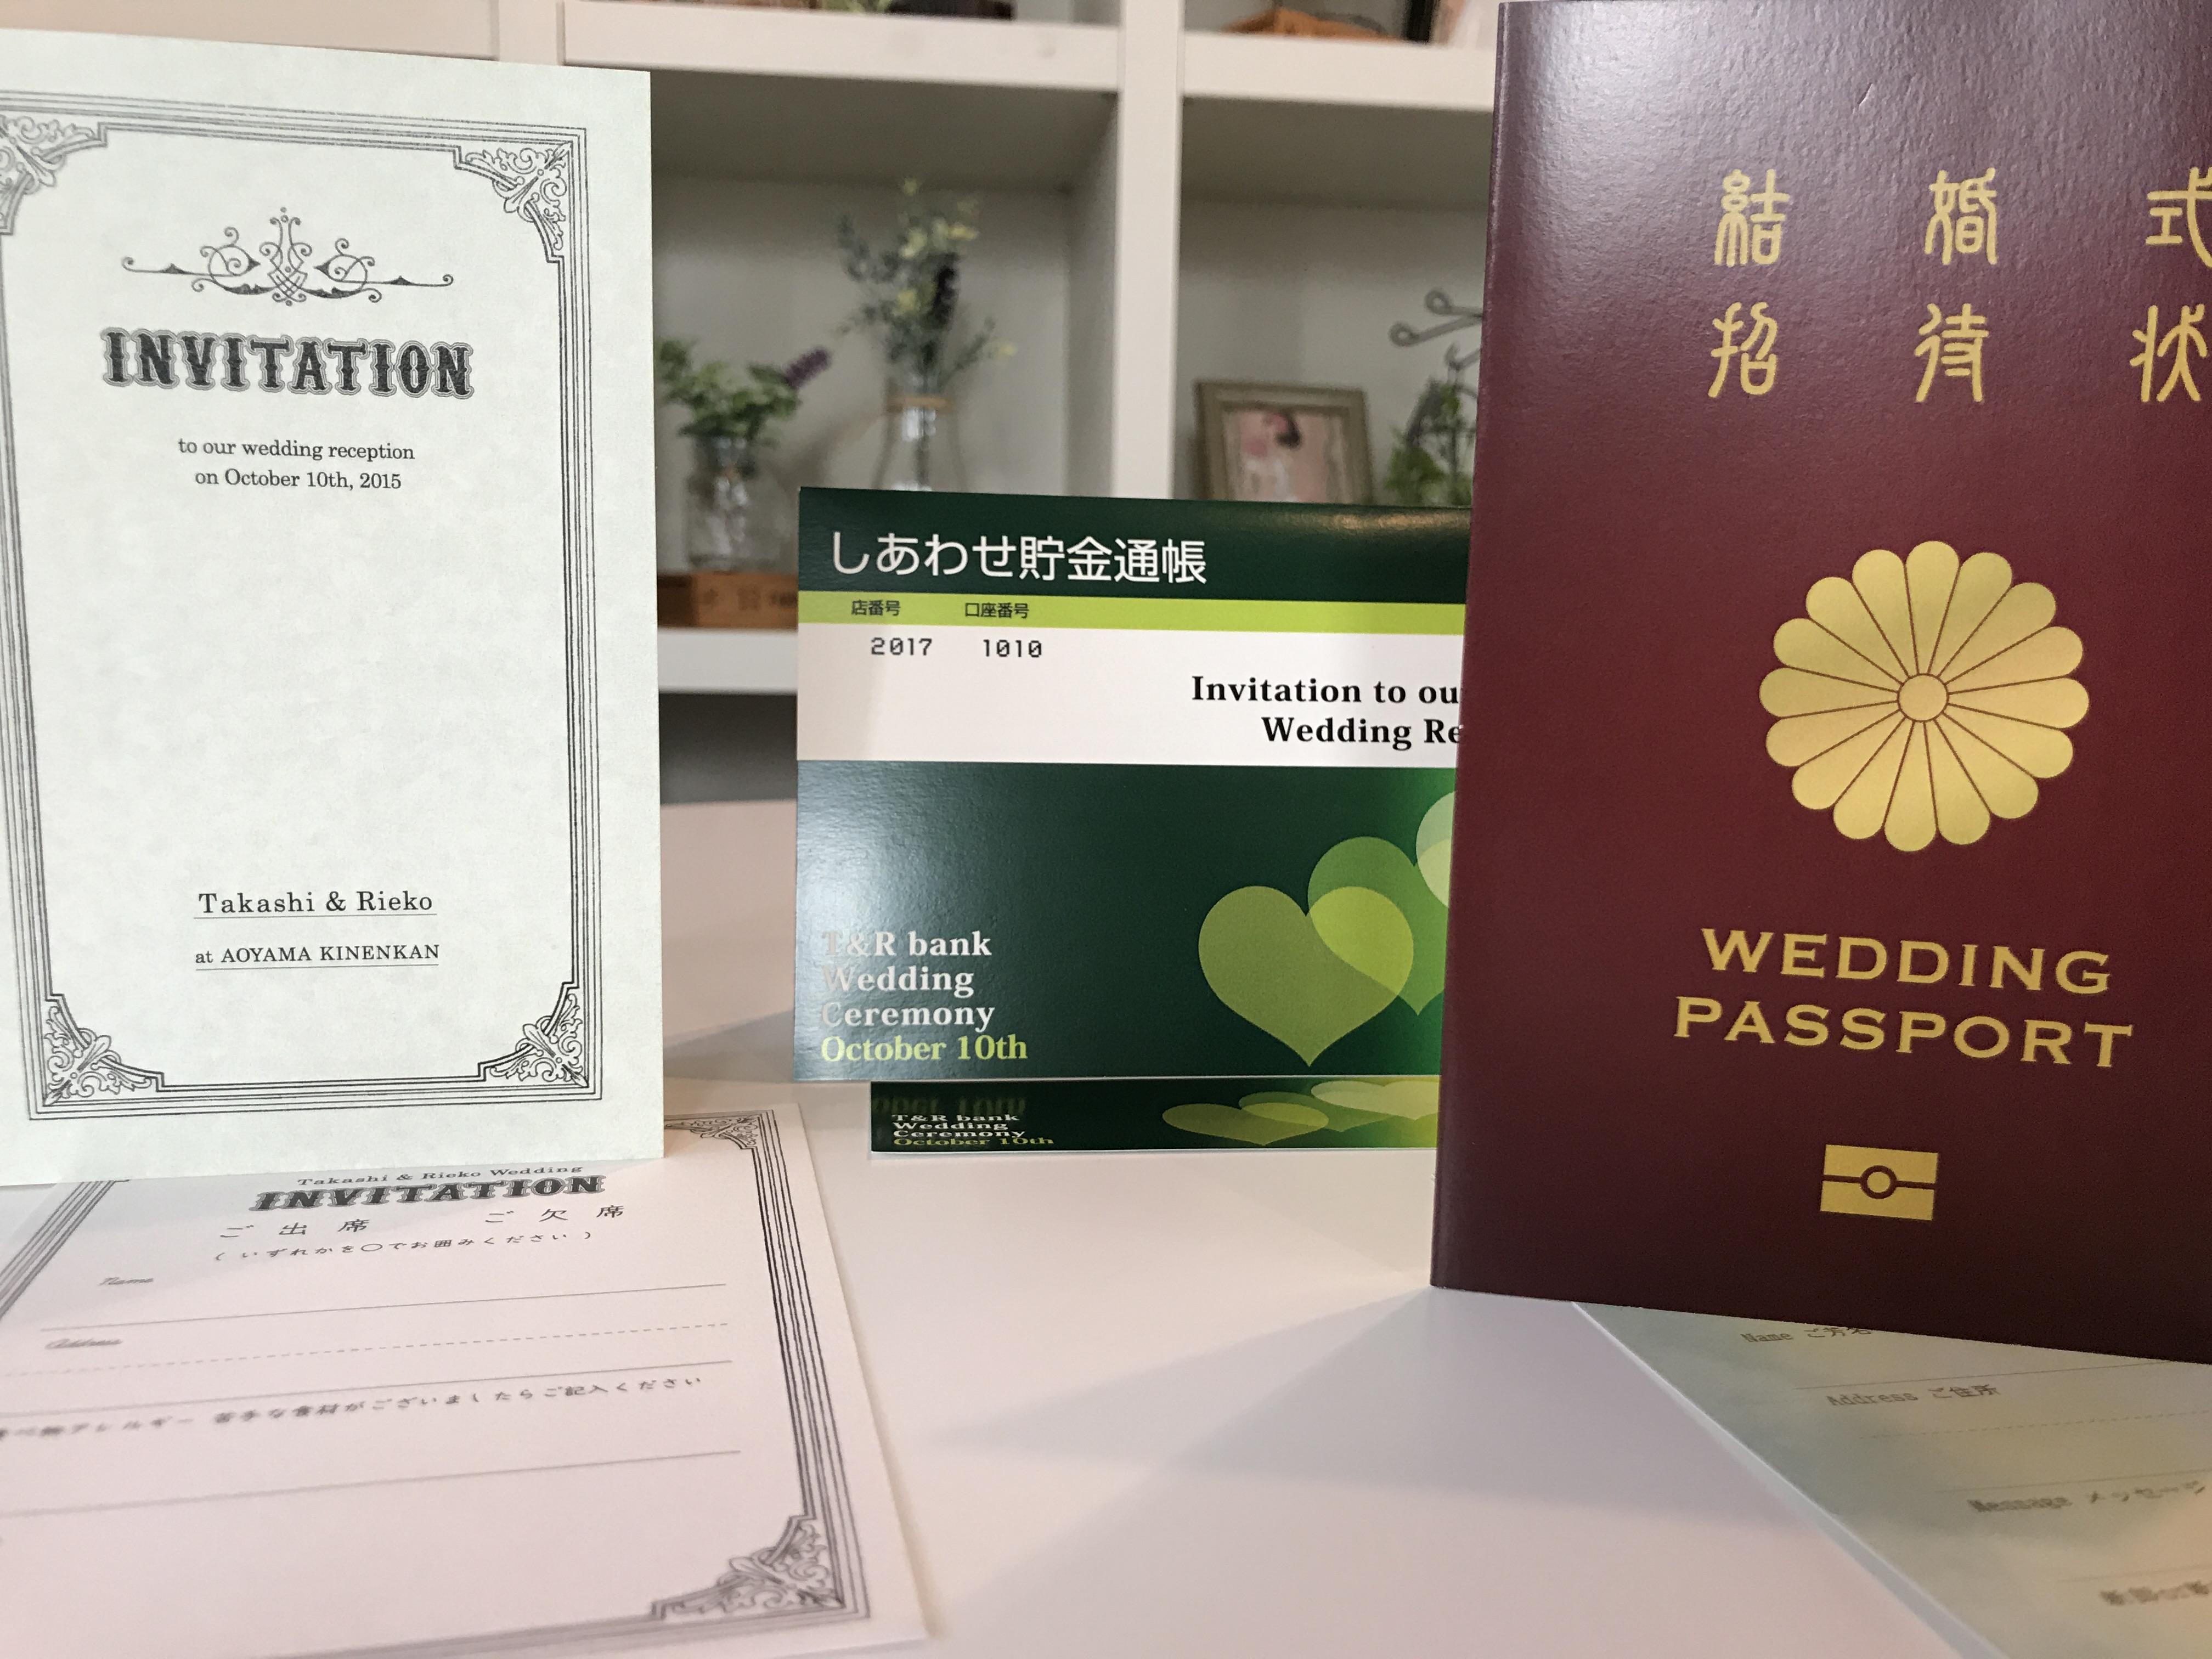 レストランウエディング会場/横浜 元町 ウエディングサロン